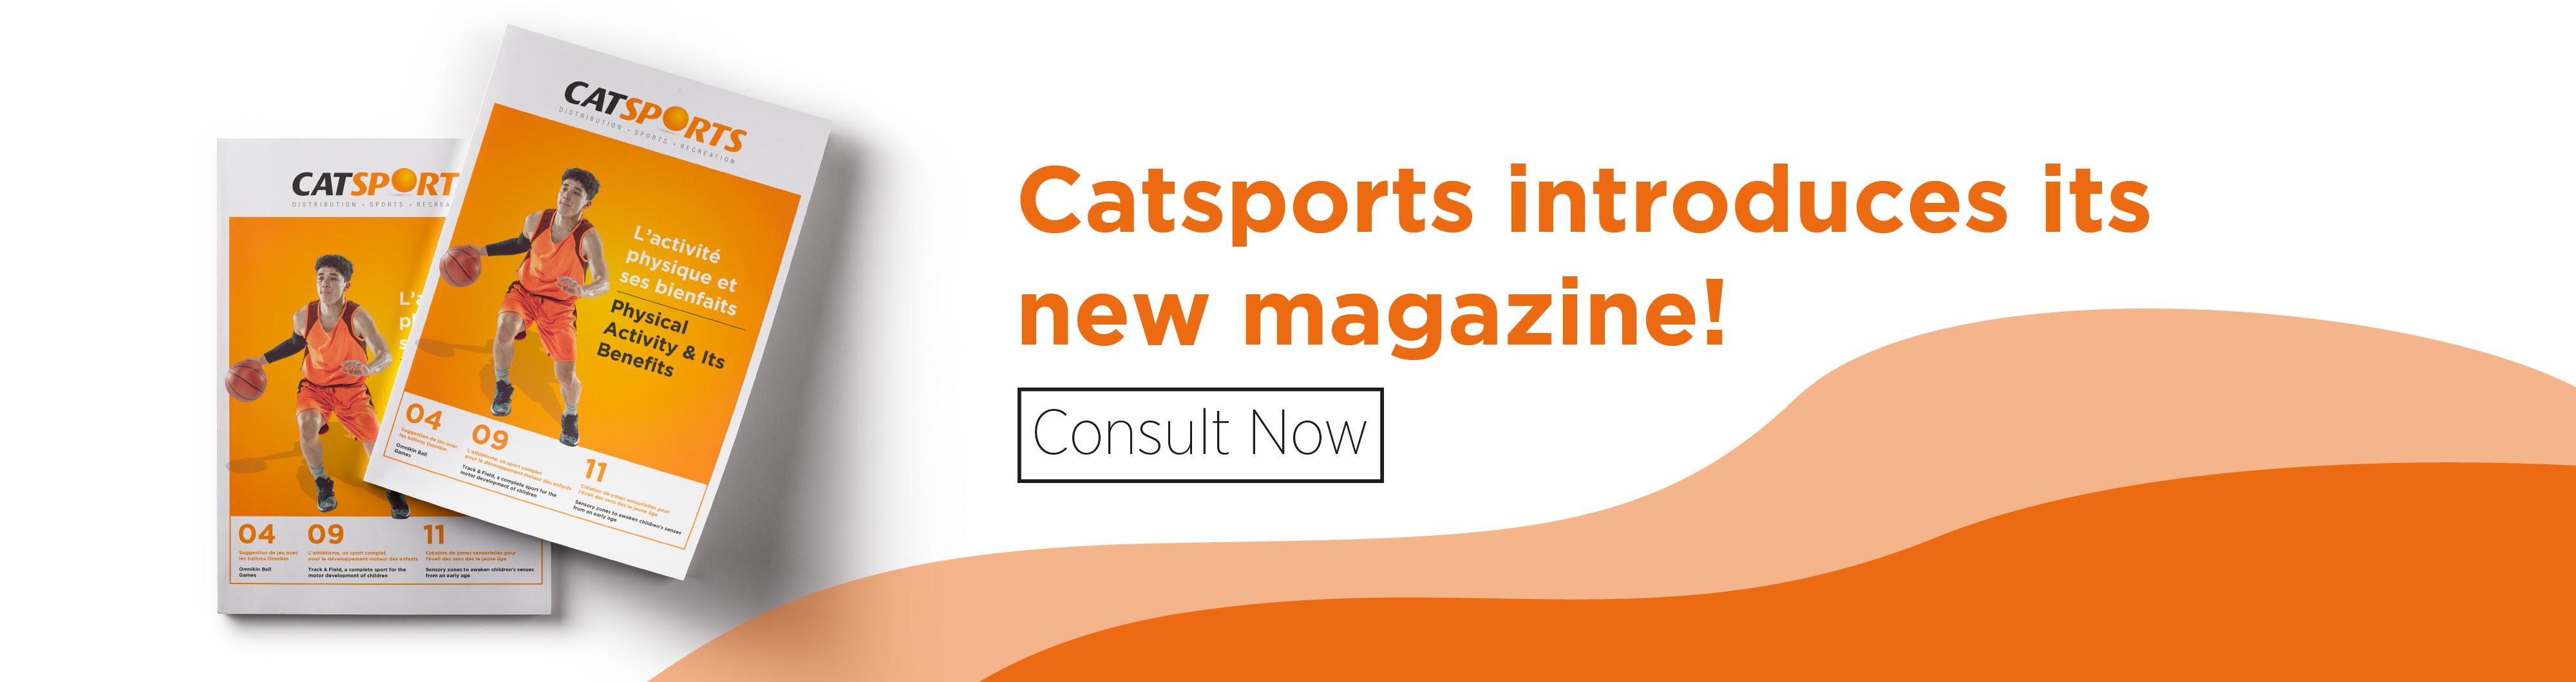 Banniere_MagazineCatsports_EN-01